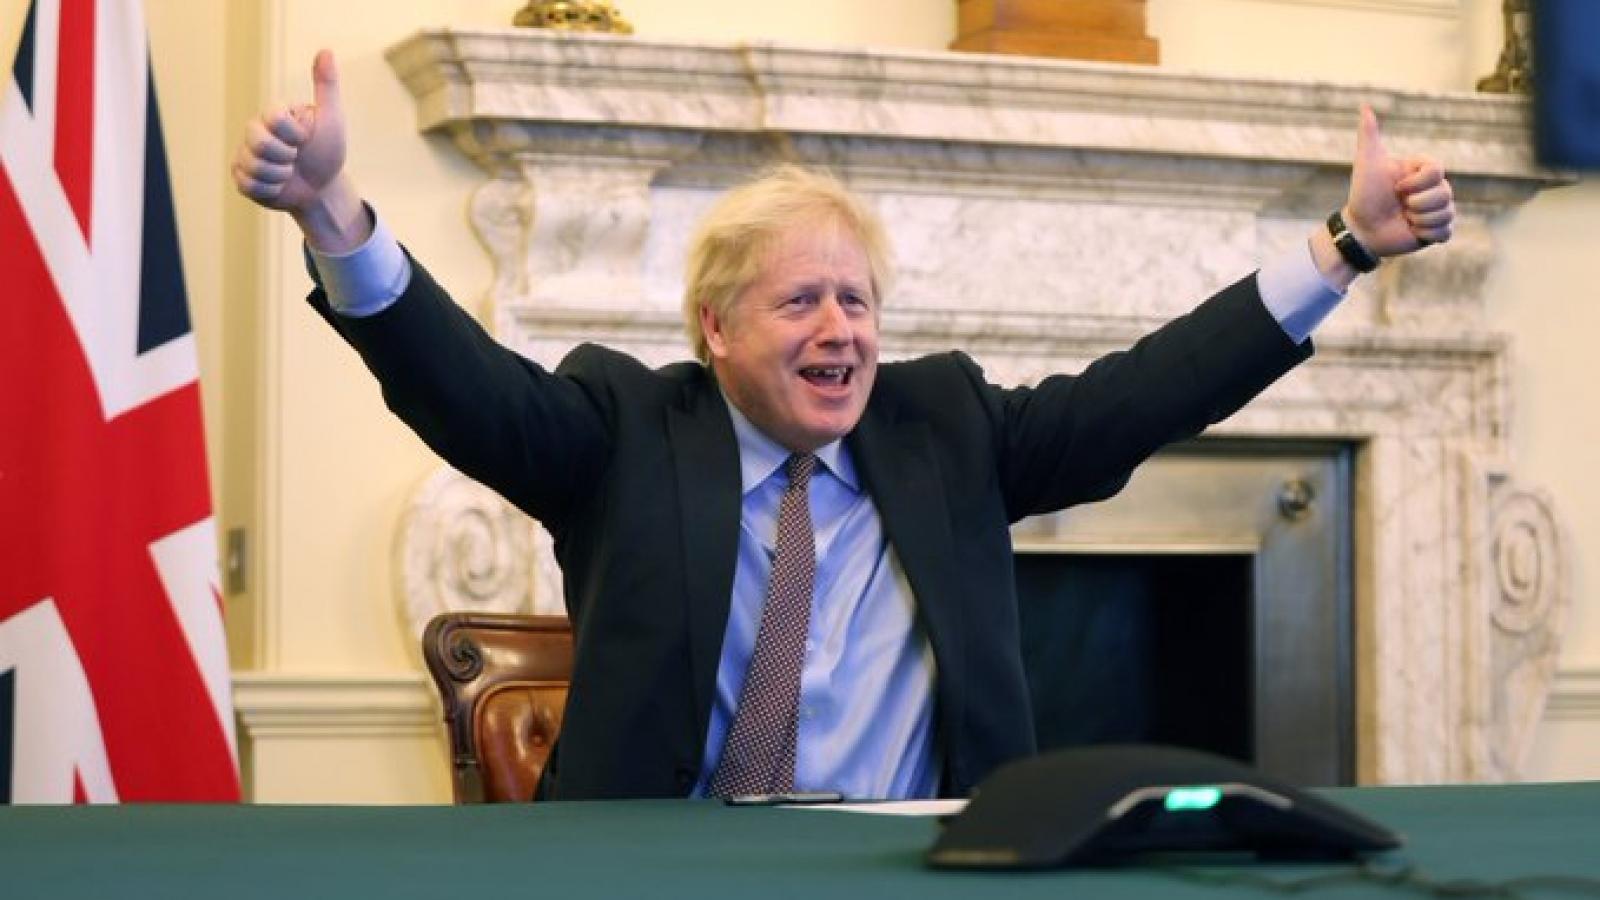 Anh và EU đạt được Thỏa thuận Brexit